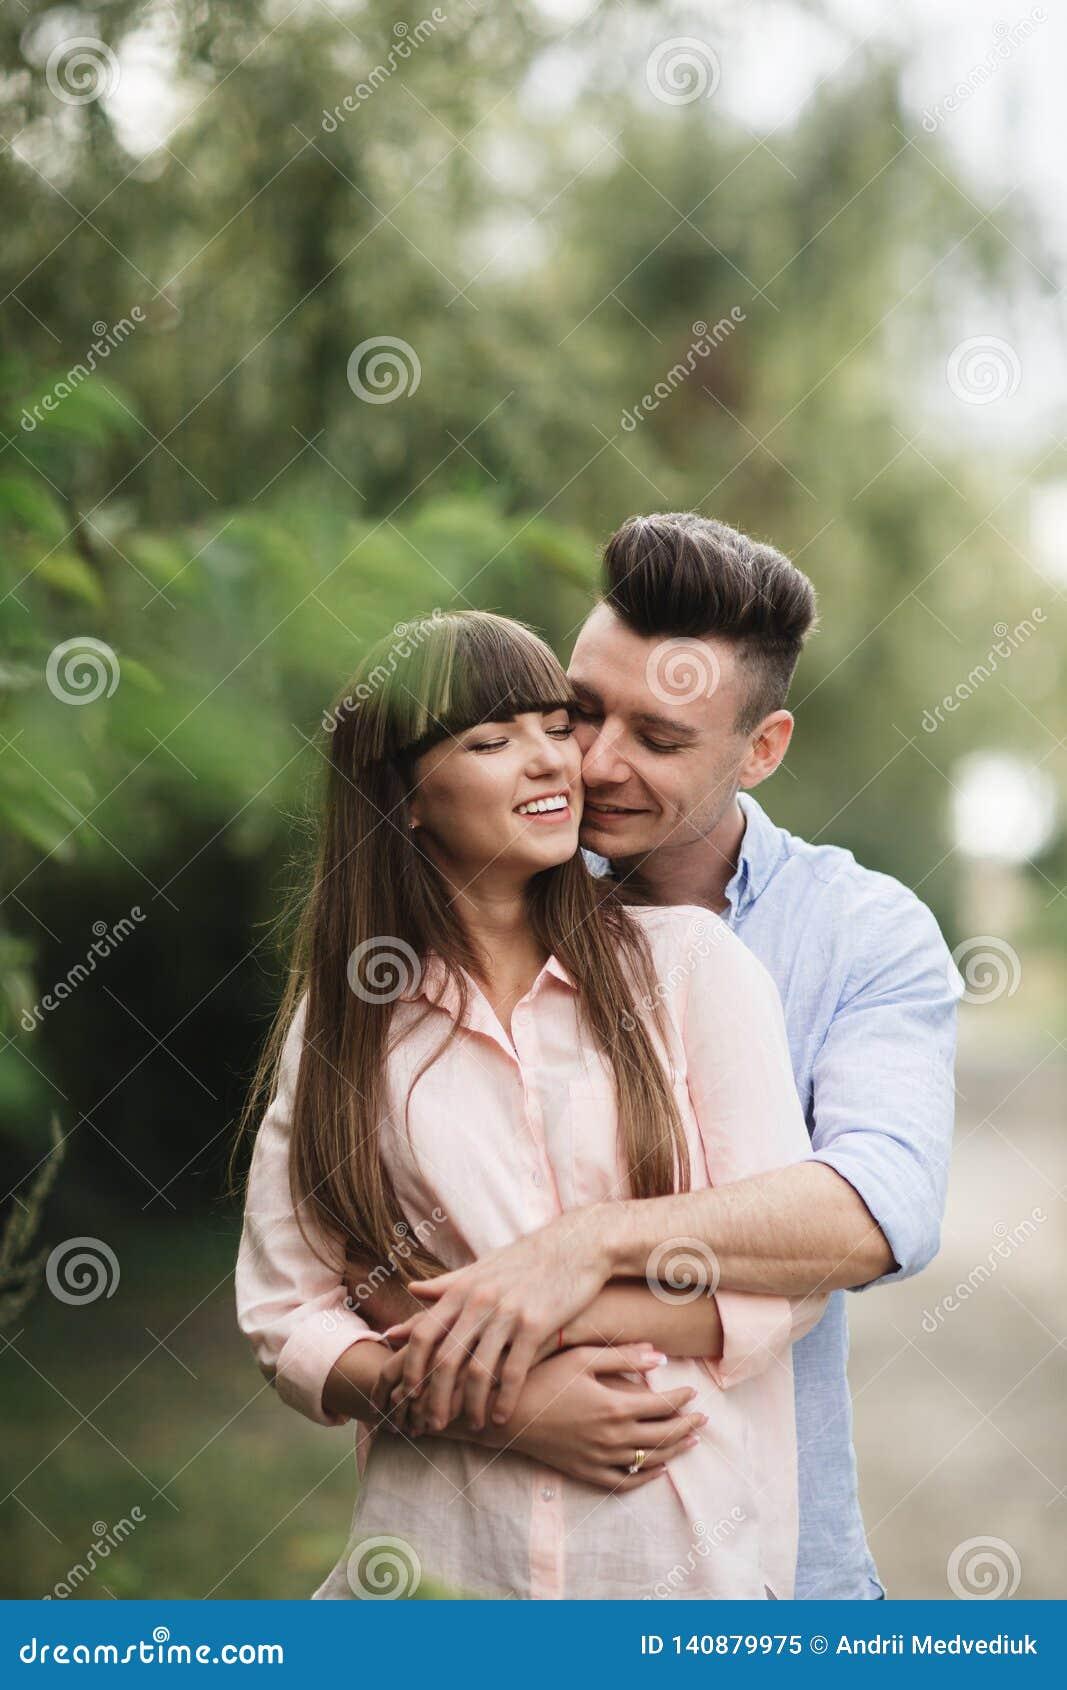 gurgaon girl dating